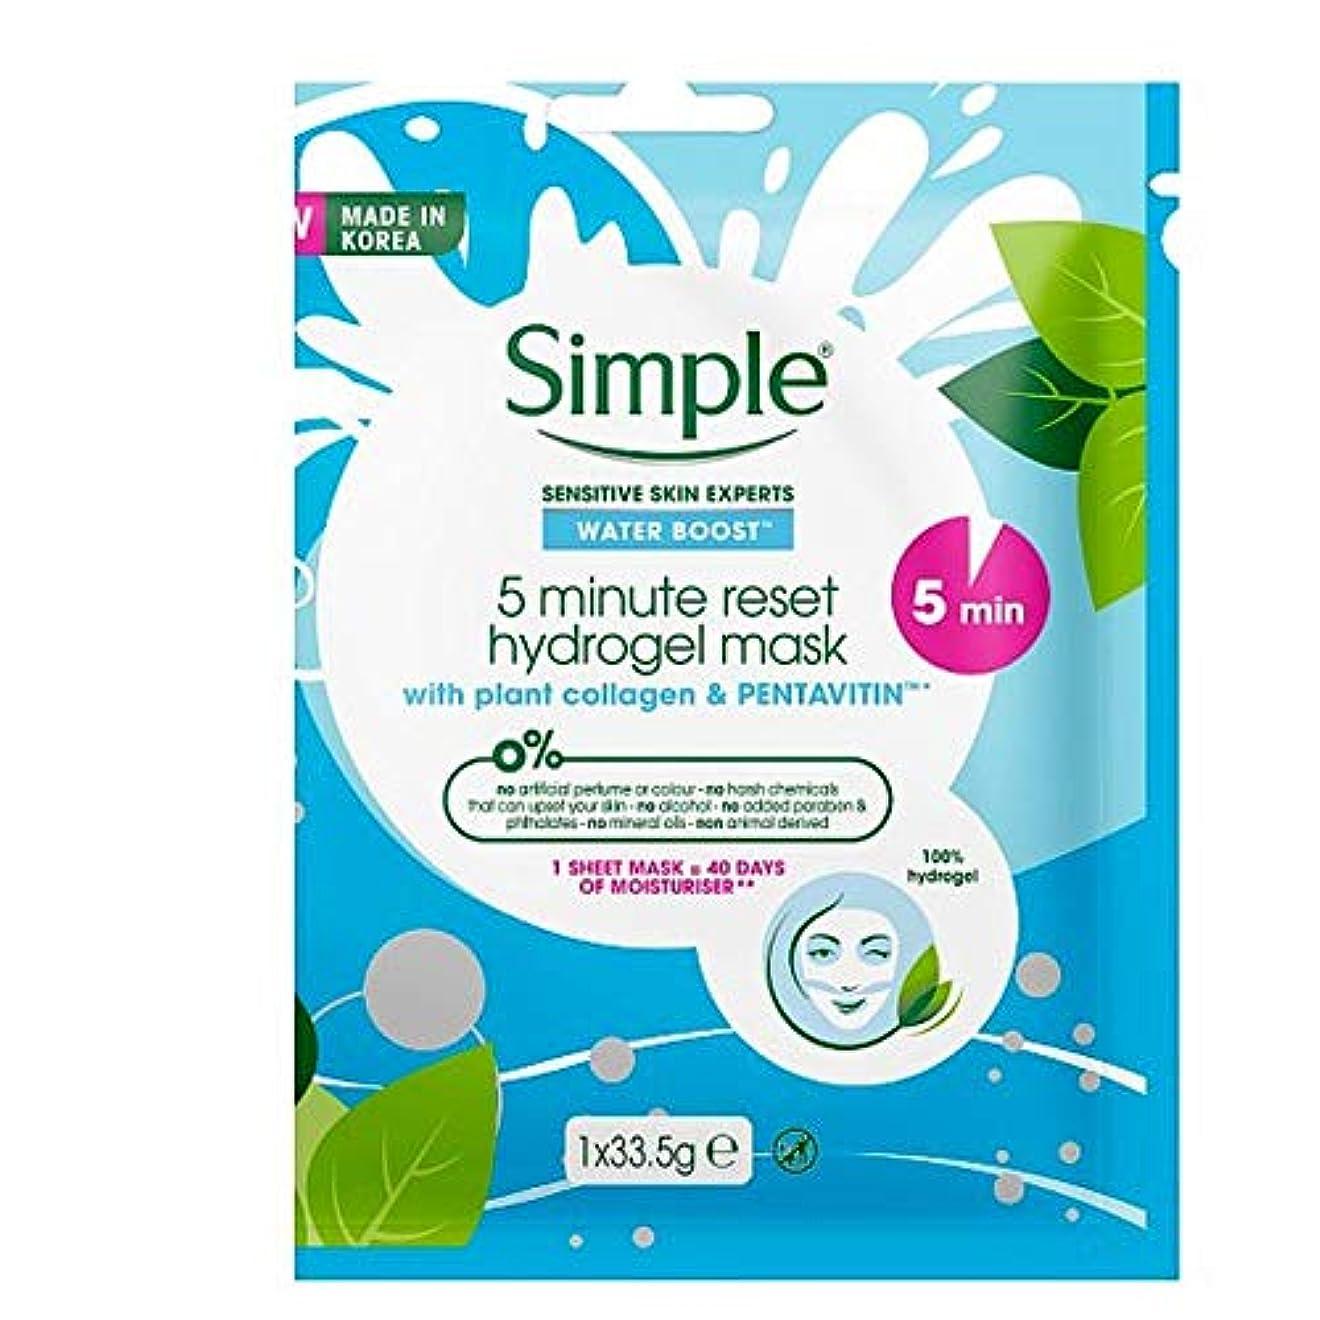 素晴らしさ服を着る偽[Simple] シンプルな水ブースト5分リセットハイドロゲルマスク - Simple Water Boost 5-Min Reset Hydrogel Mask [並行輸入品]